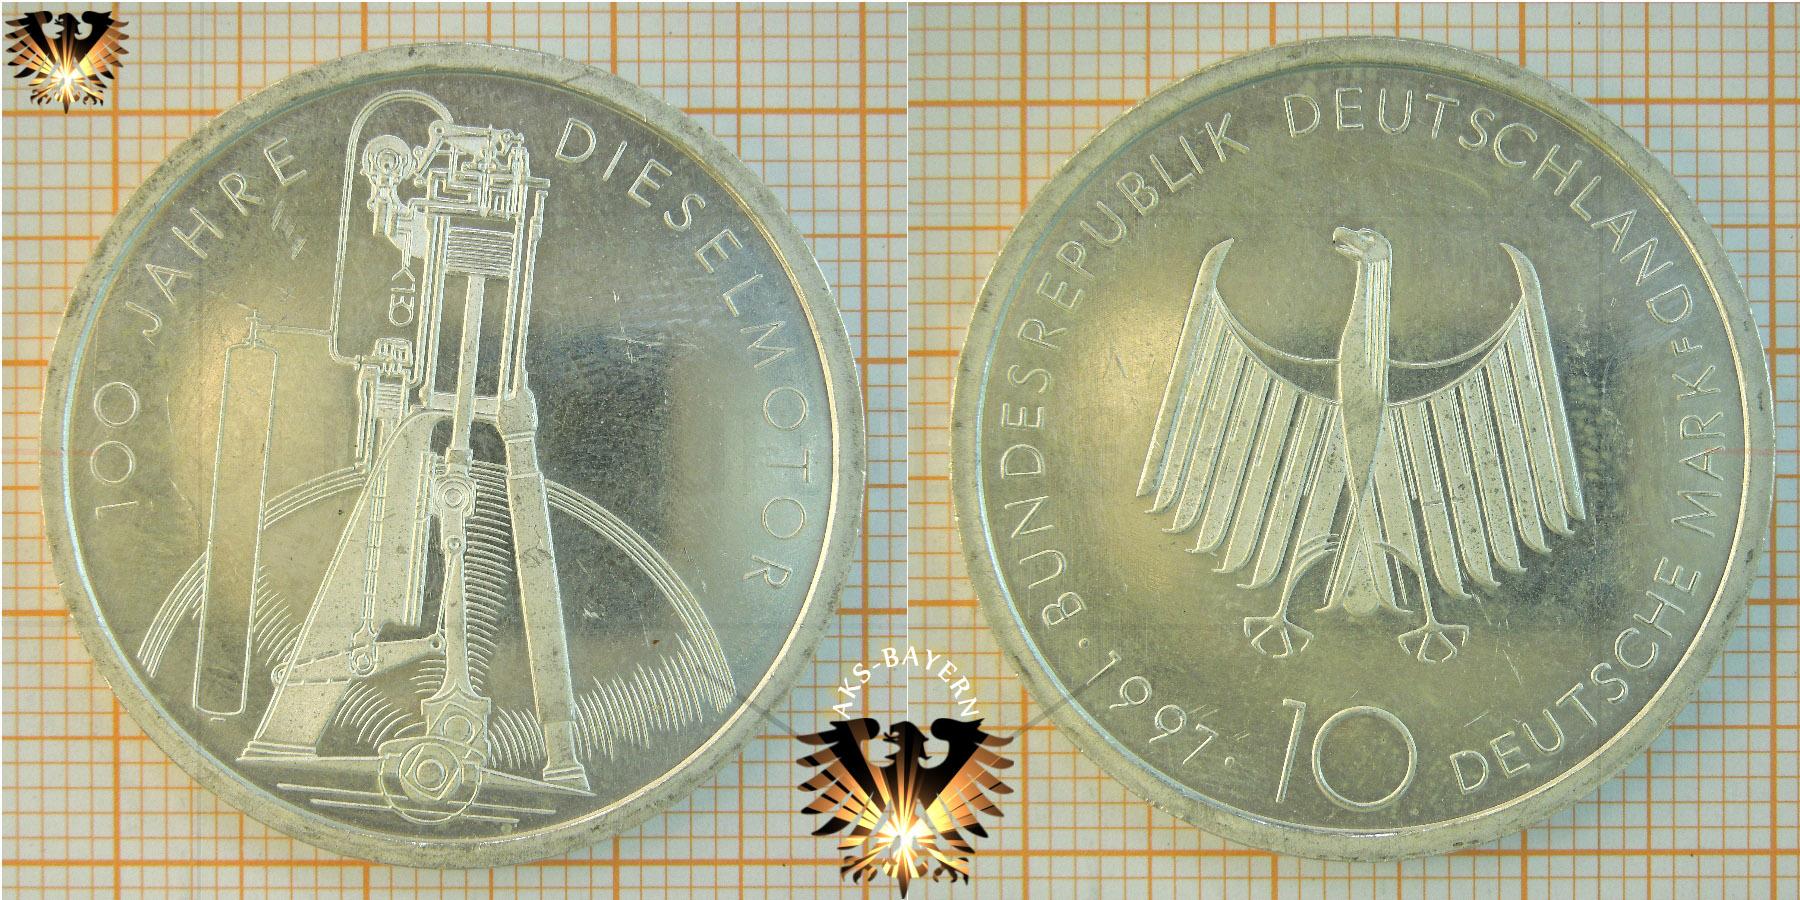 10 Dm Brd 1997 F 100 Jahre Dieselmotor 625er Silber Münze